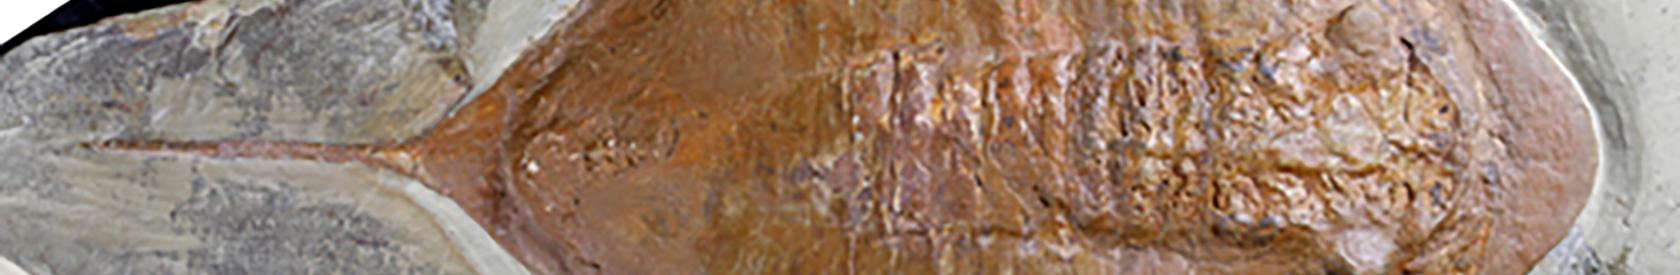 Hallados en Marruecos fósiles de trilobites con patas y partes blandas de hace 478 millones de años